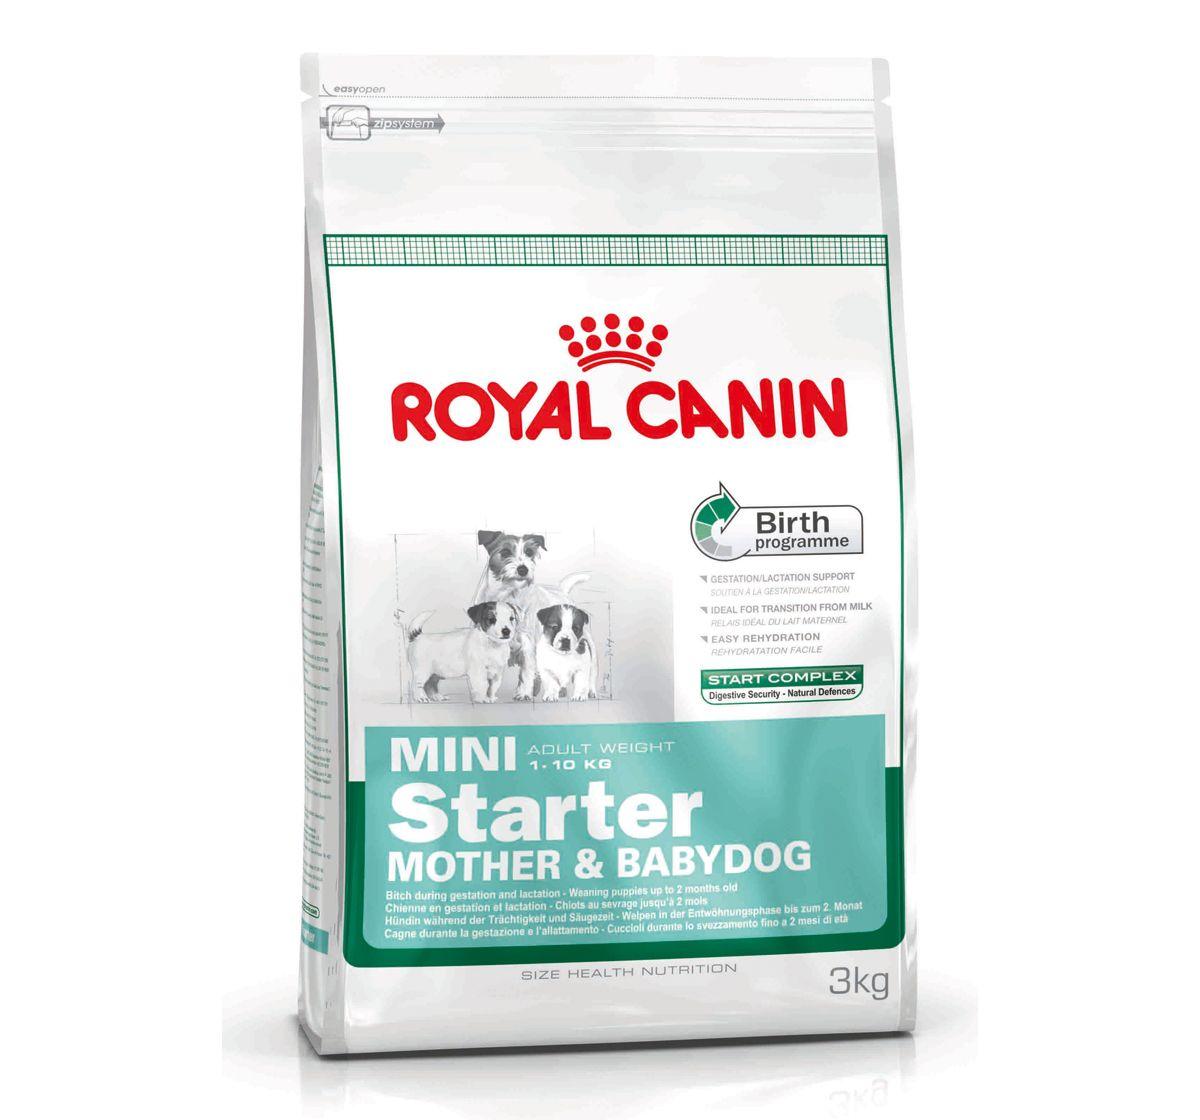 Royal Canin Mini Starter 20 Kg Dog Food Online Large Breed Dog Food Cheap Dog Food